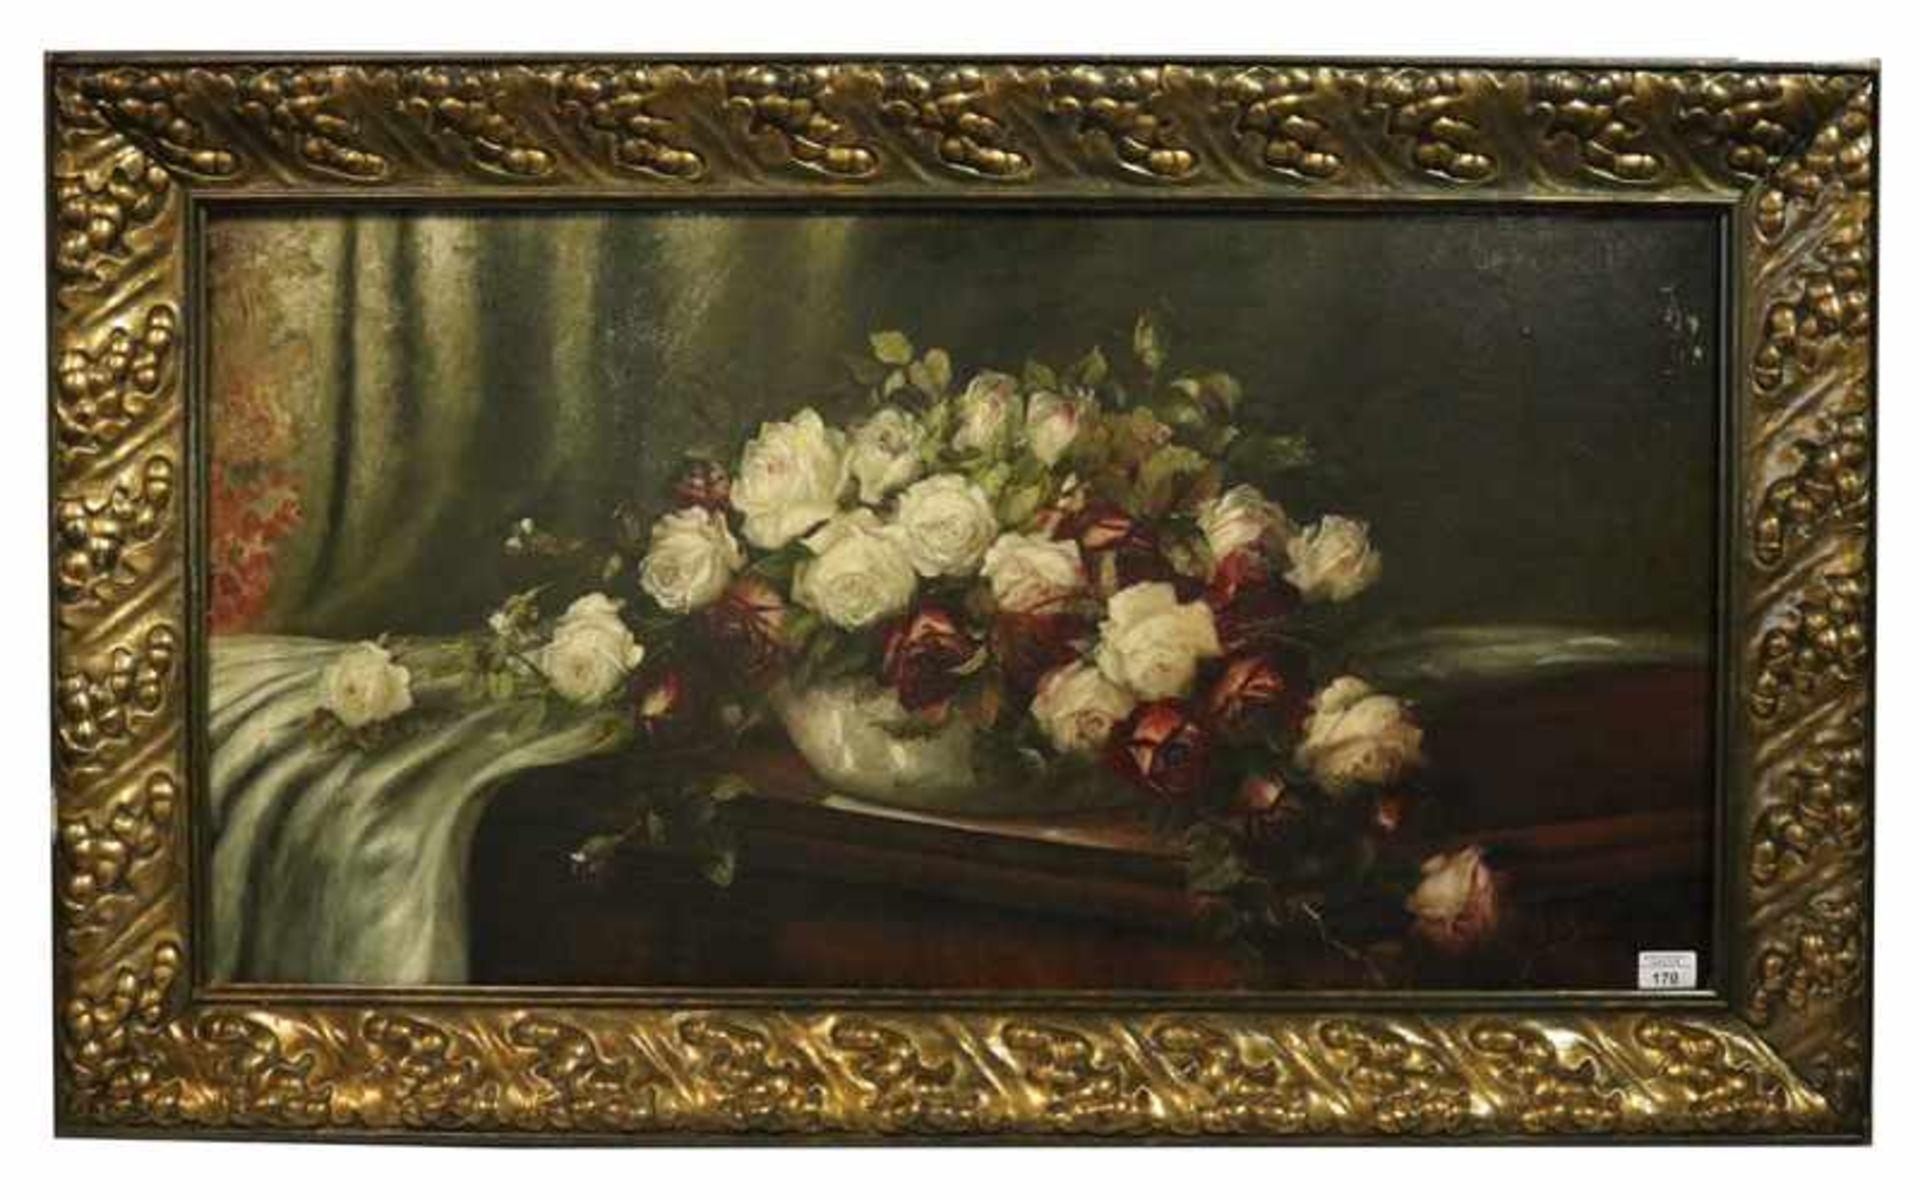 Los 170 - Gemälde ÖL/LW 'Blumenstilleben in Vase', signiert HO. Schiele,LW mit Farbablösungen, gerahmt, Rahmen